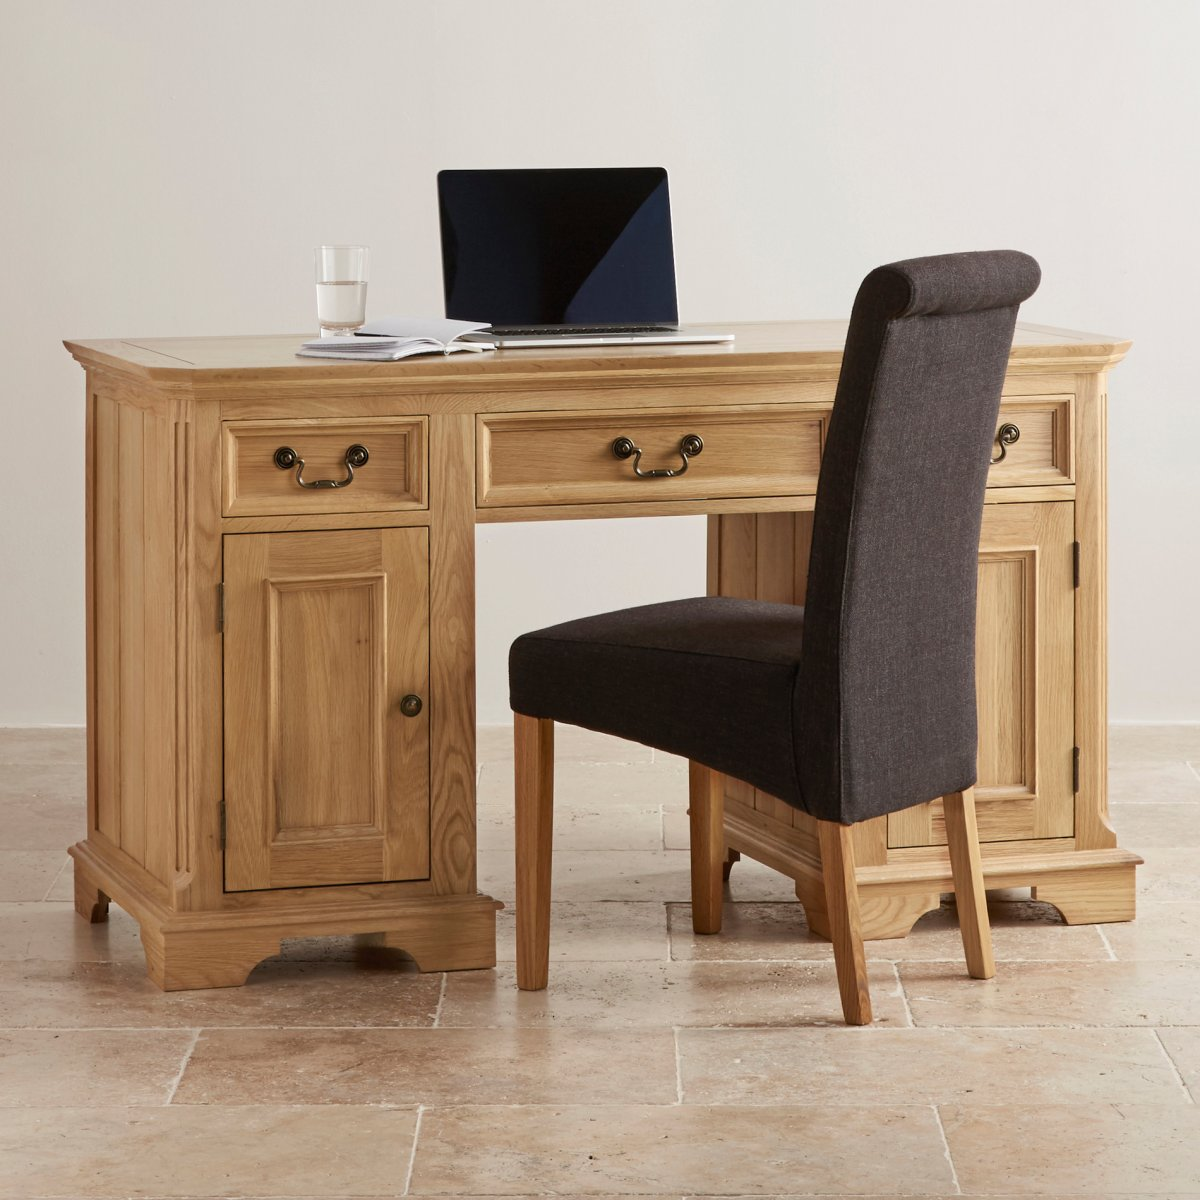 Edinburgh Natural Solid Oak Computer Desk By Oak Furniture